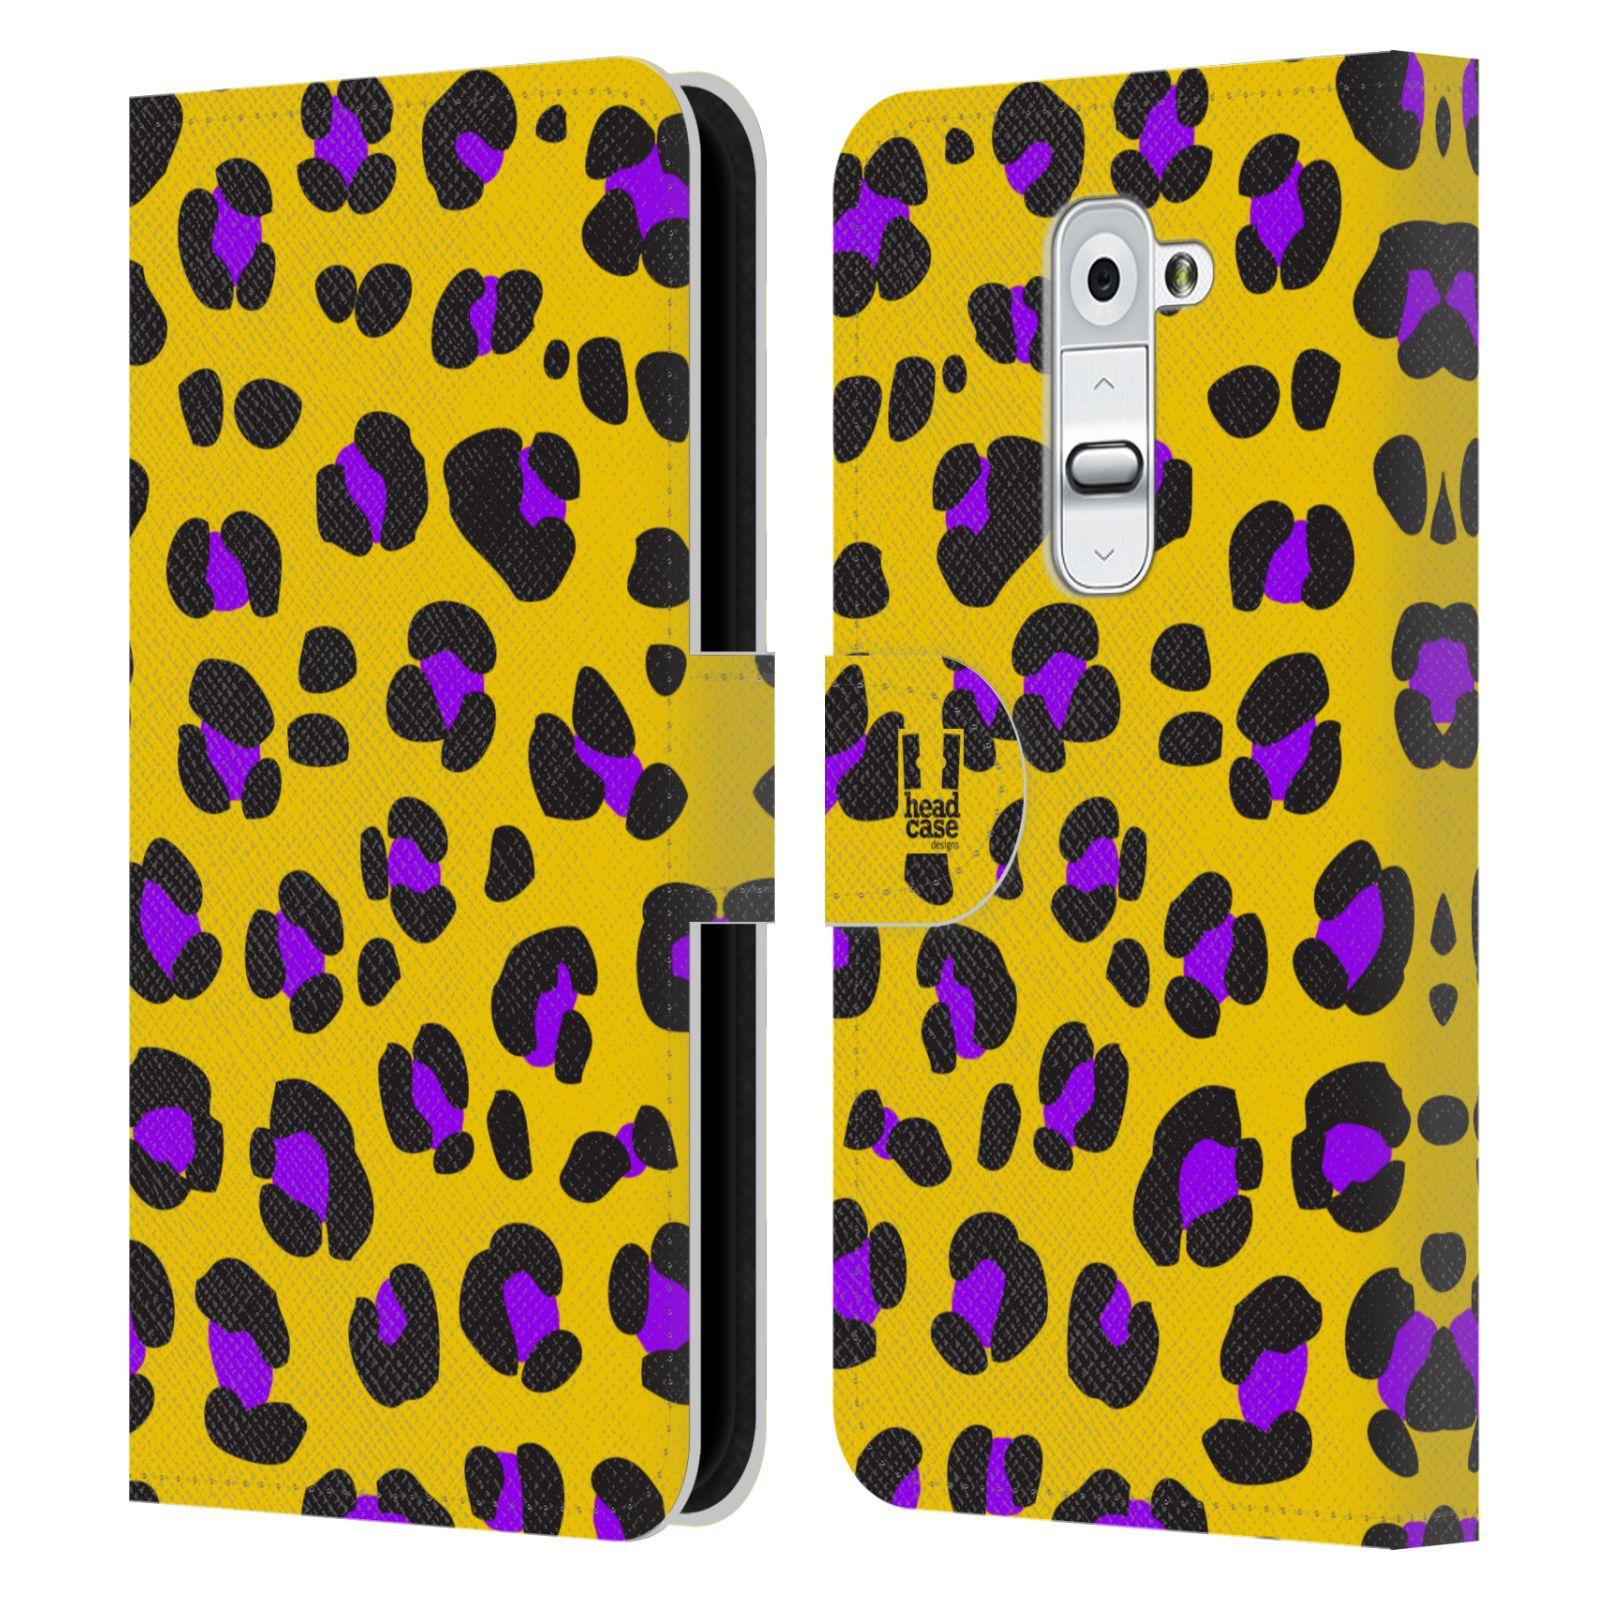 HEAD CASE Flipové pouzdro pro mobil LG G2 (D802) Zvířecí barevné vzory žlutý leopard fialové skvrny